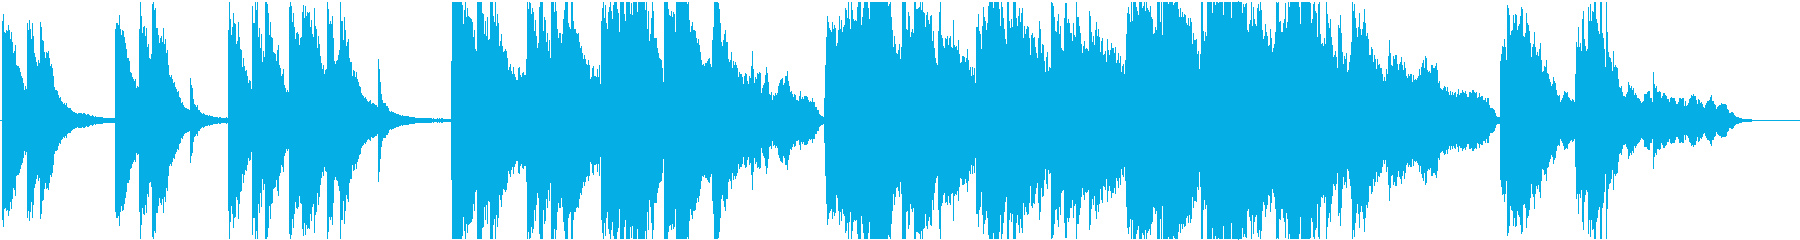 企業VP16 16bit44kHzVerの再生済みの波形